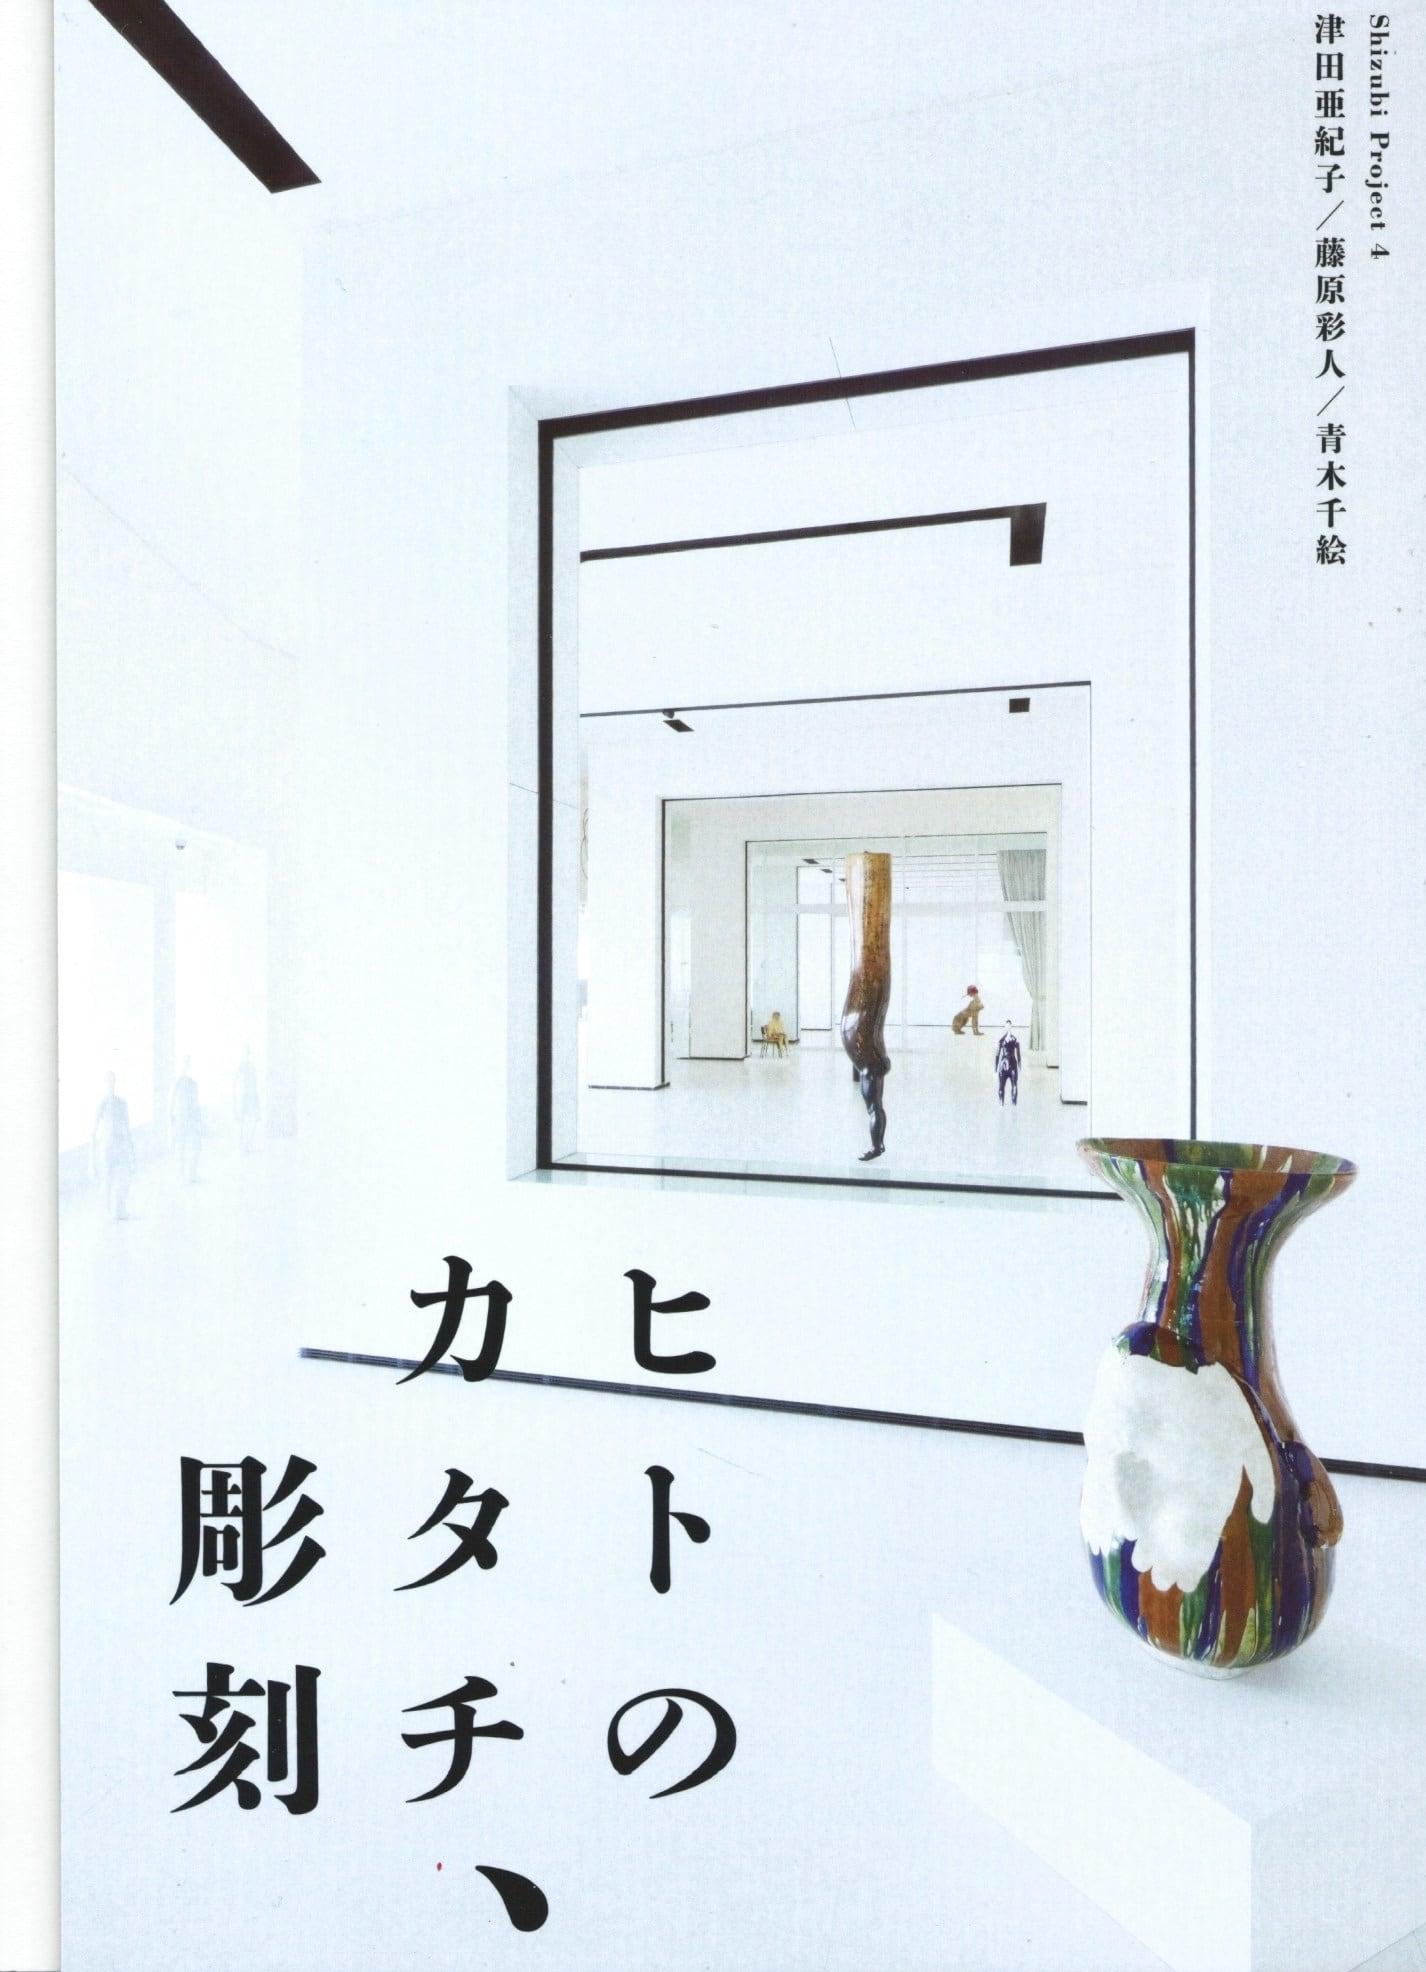 ヒトのカタチ、彫刻 / 津田亜紀子・藤原彩人・青木千絵